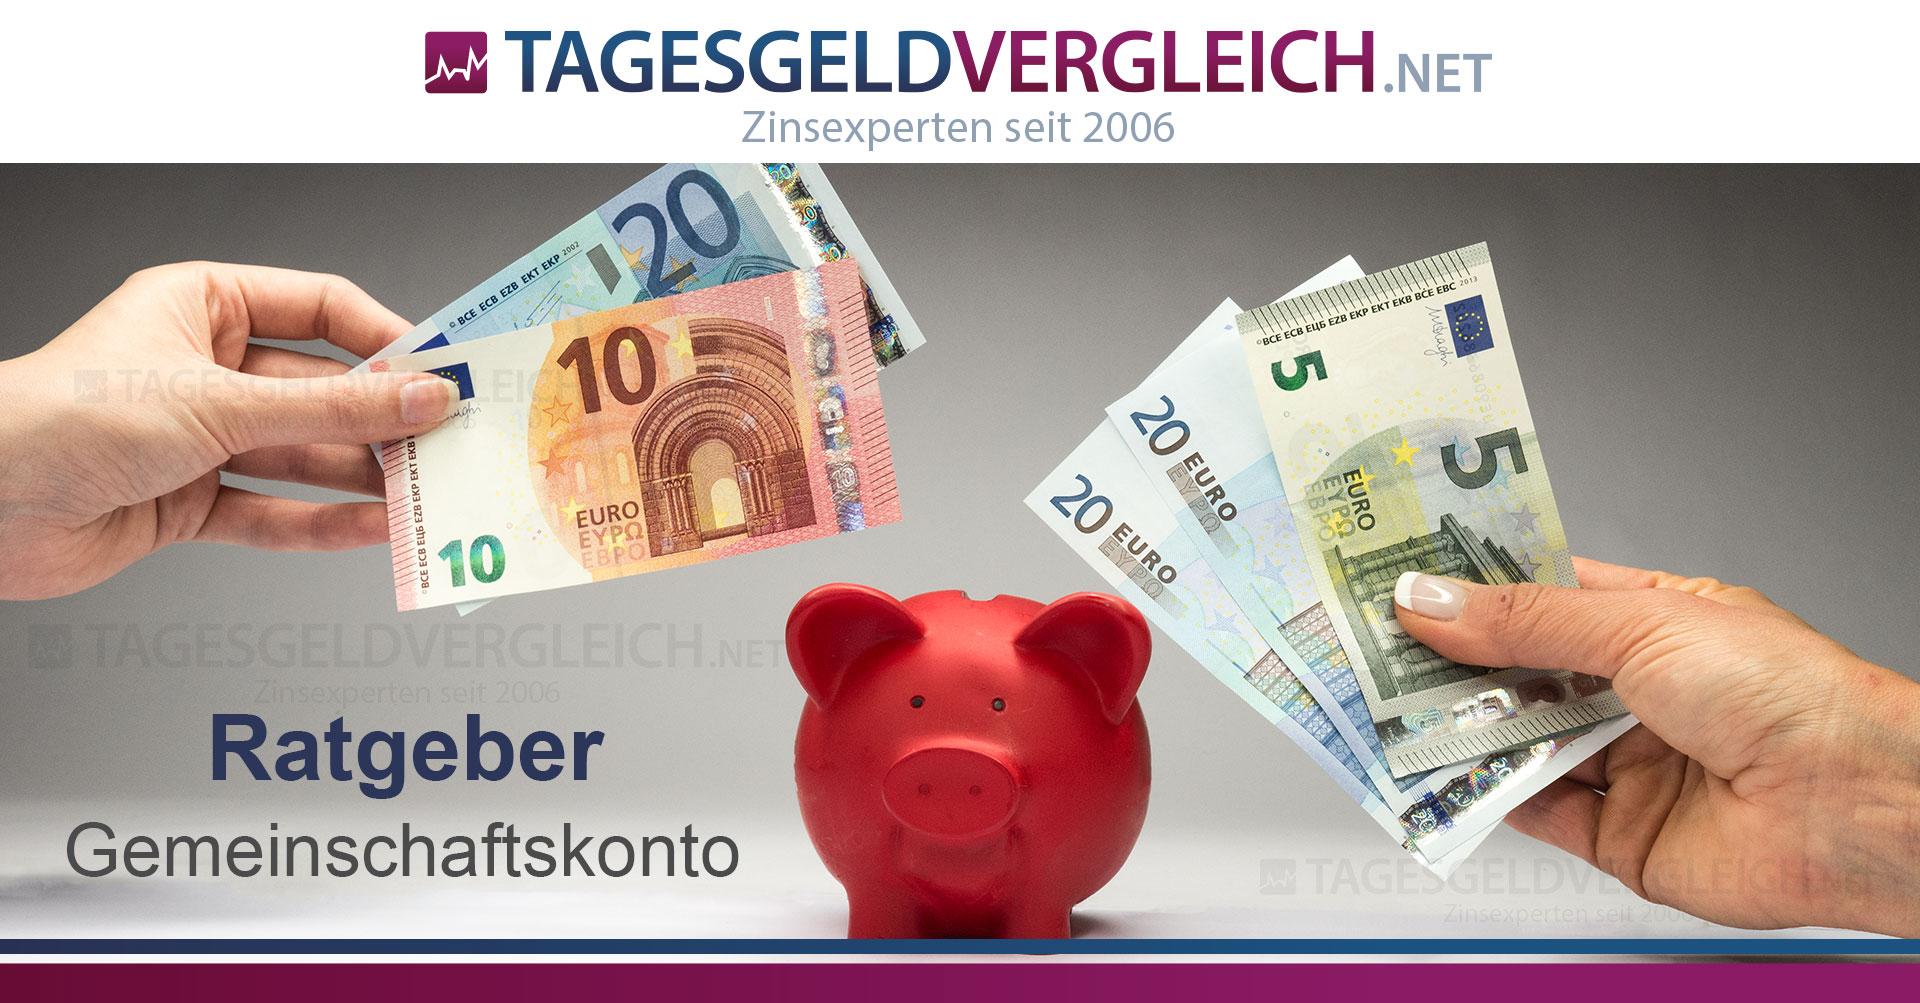 Tagesgeldkonto Als Gemeinschaftskonto Führen